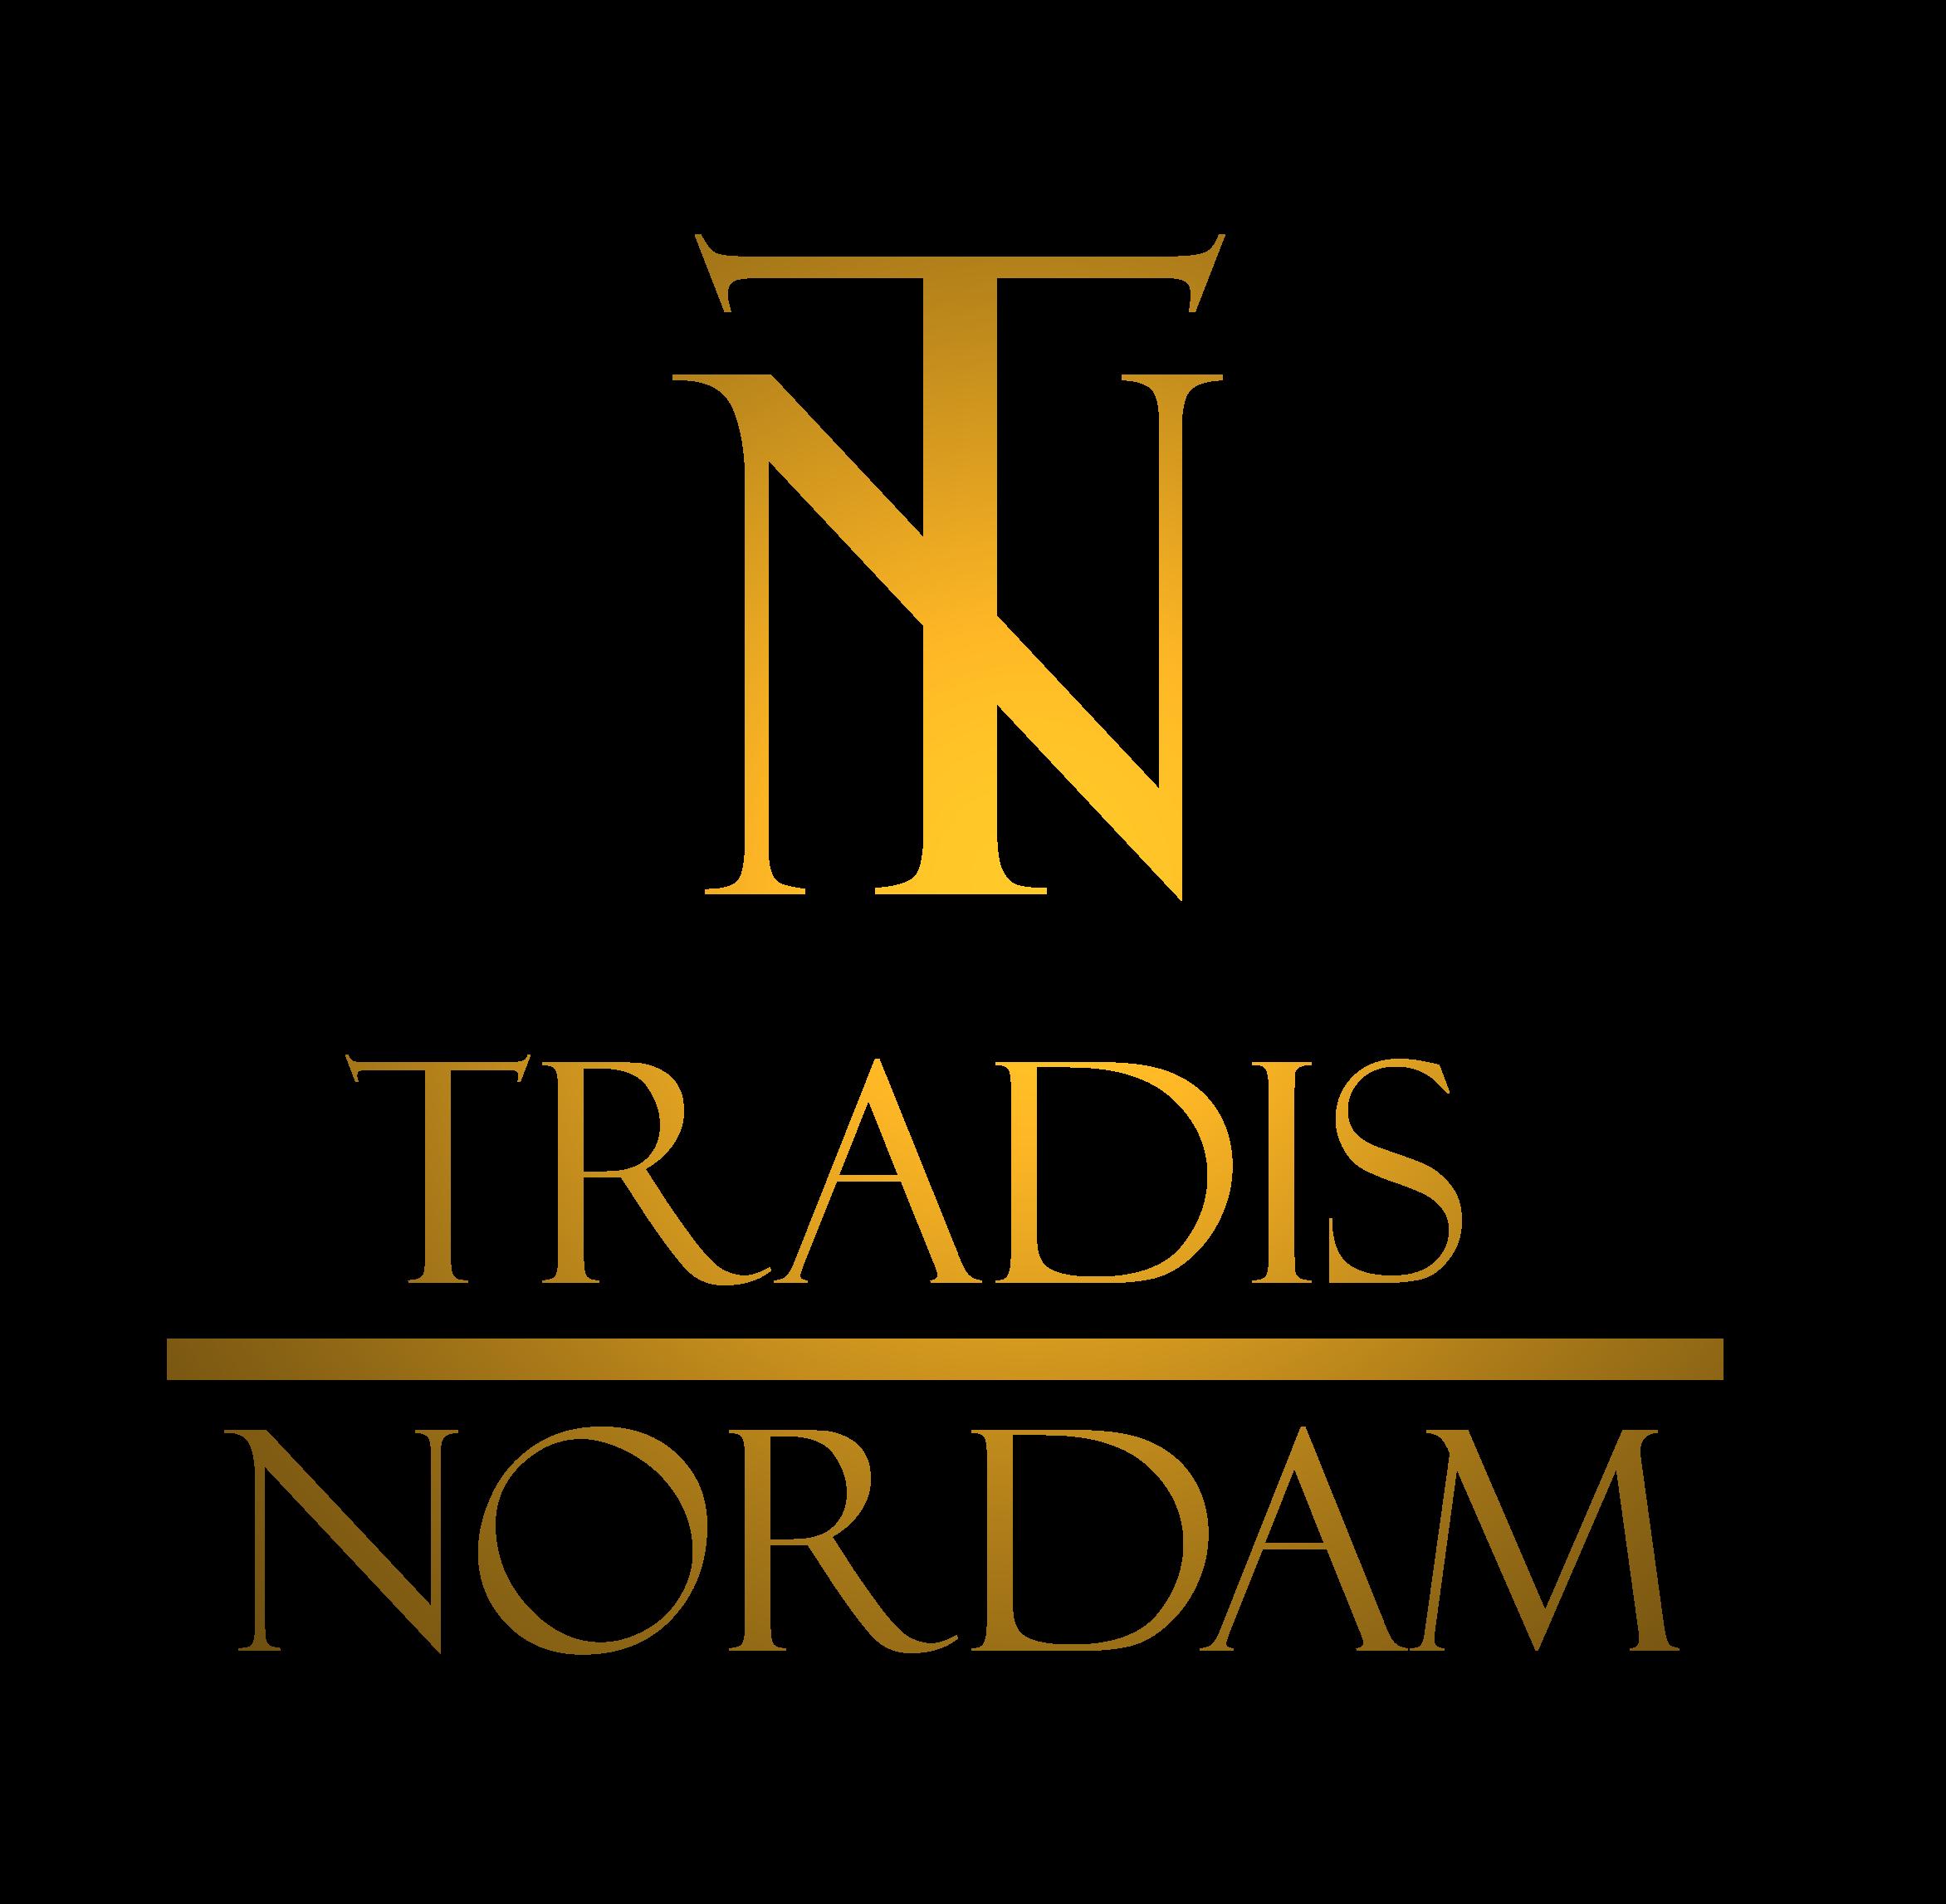 Tradis Nordam